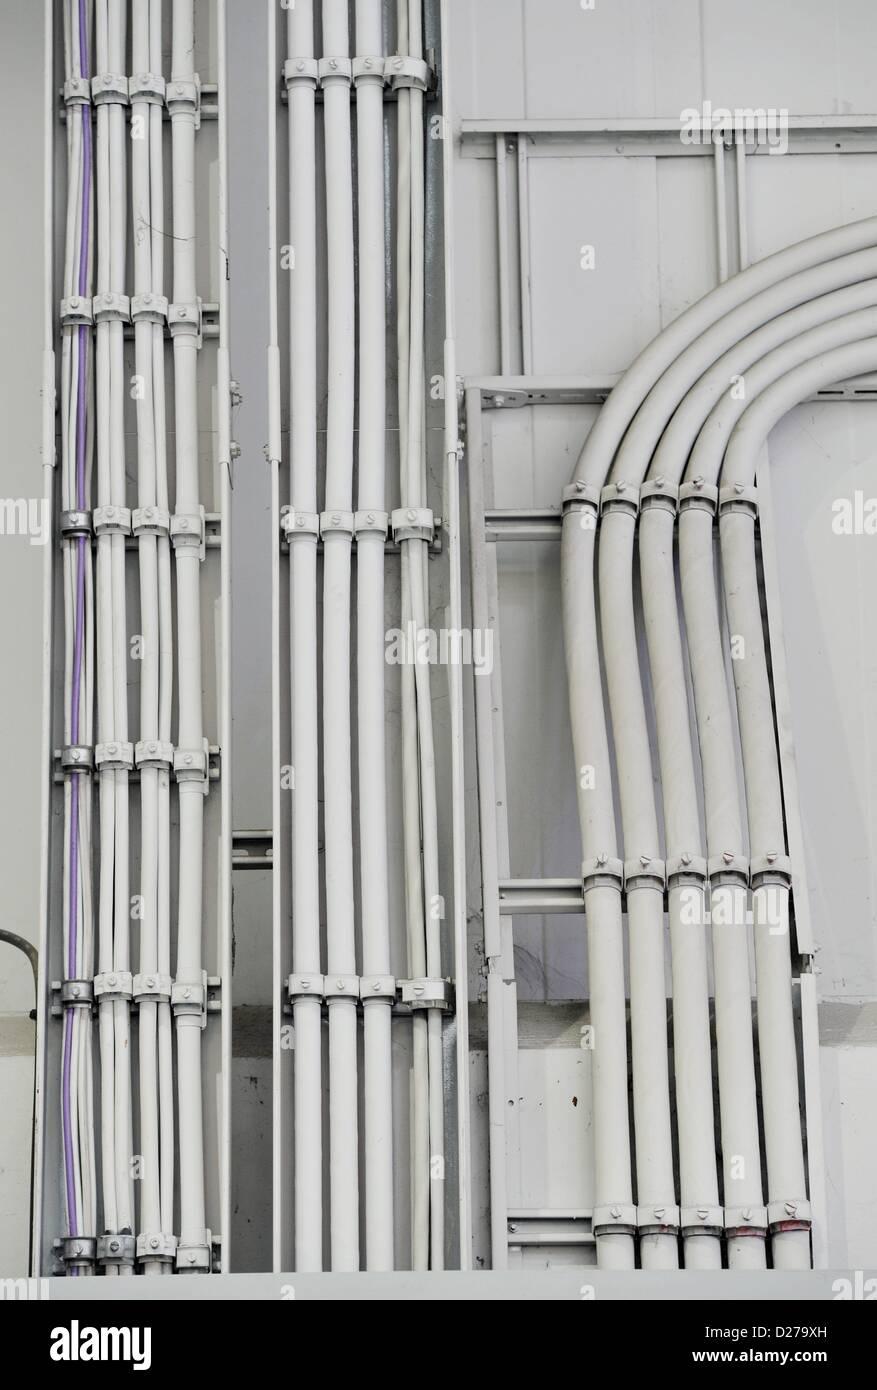 Ungewöhnlich Schaltpläne Für Elektrische Leitungen Fotos - Die ...